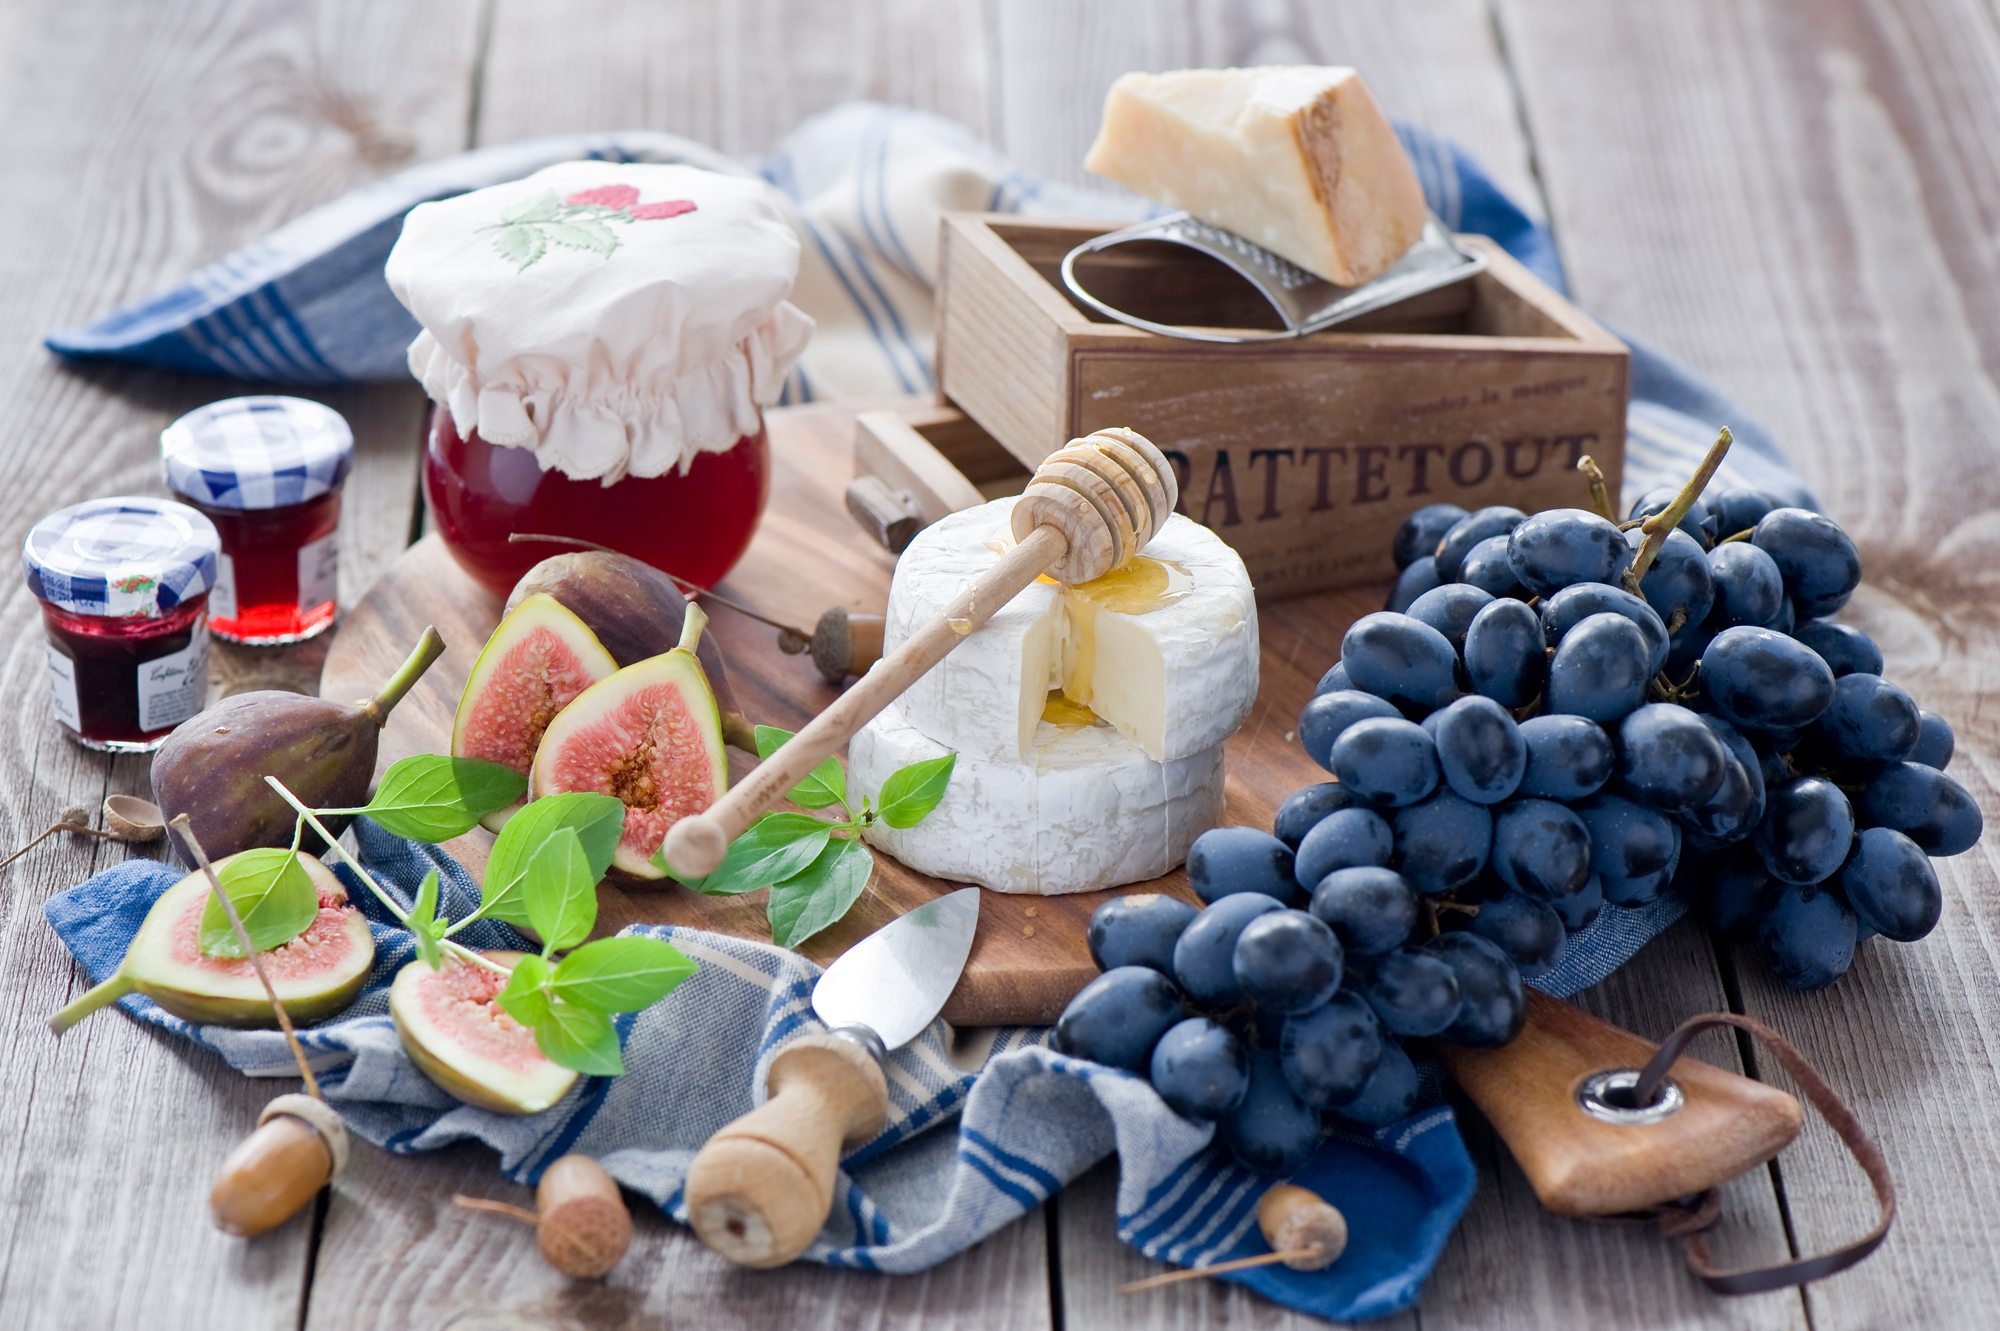 еда чай пирожные виноград  № 377939 бесплатно